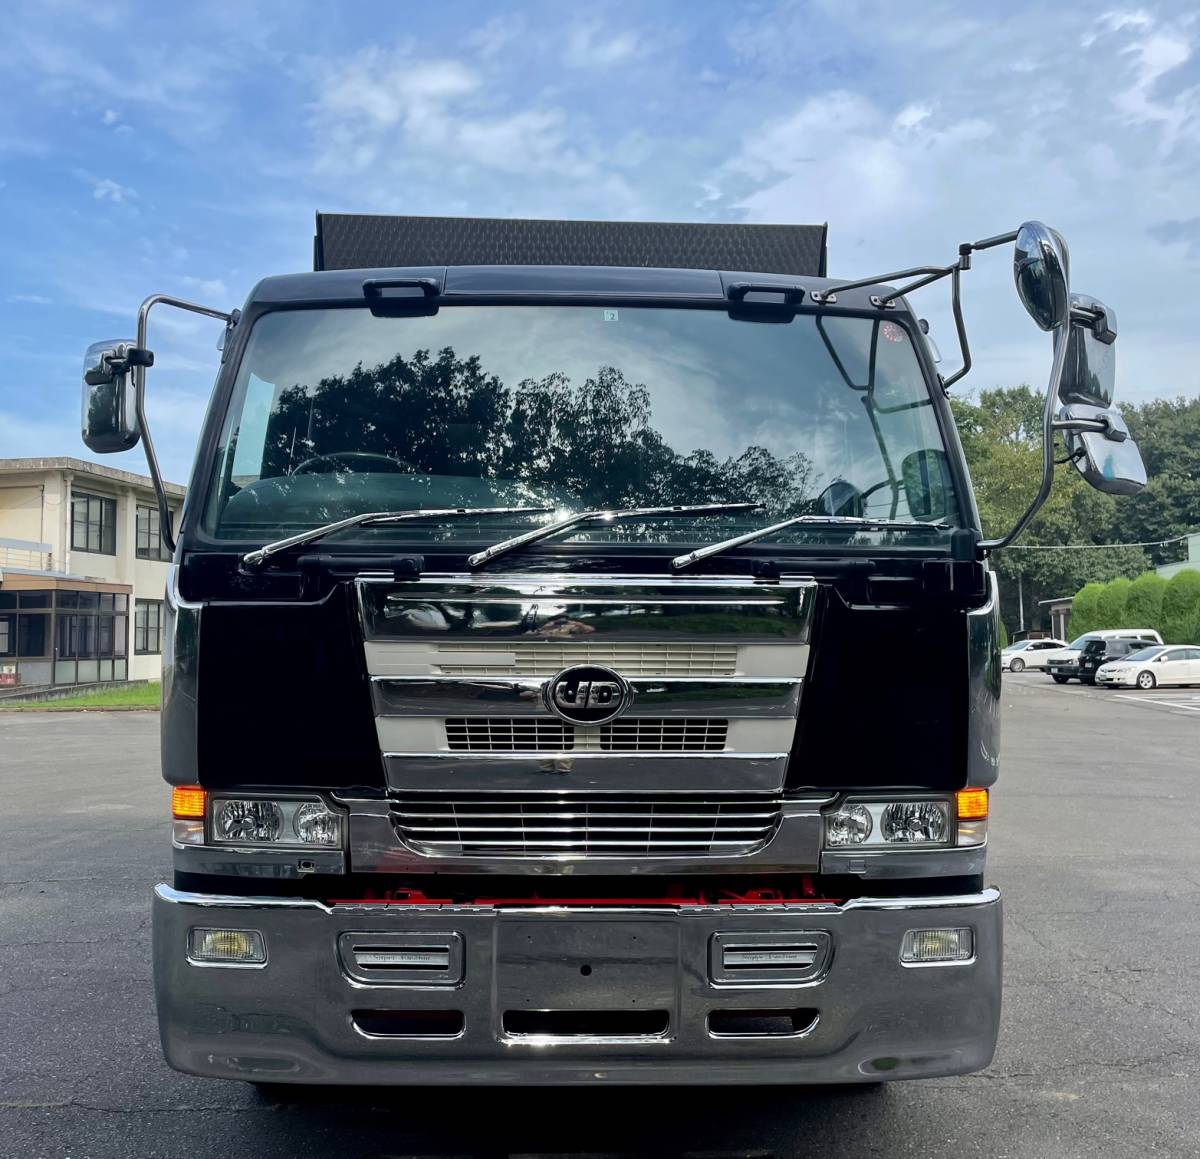 「【平成15年式】UDトラックス ビックサム ダンプ エンジンRH8 V8 走行693.037km 満タン車検!! 360馬力」の画像2